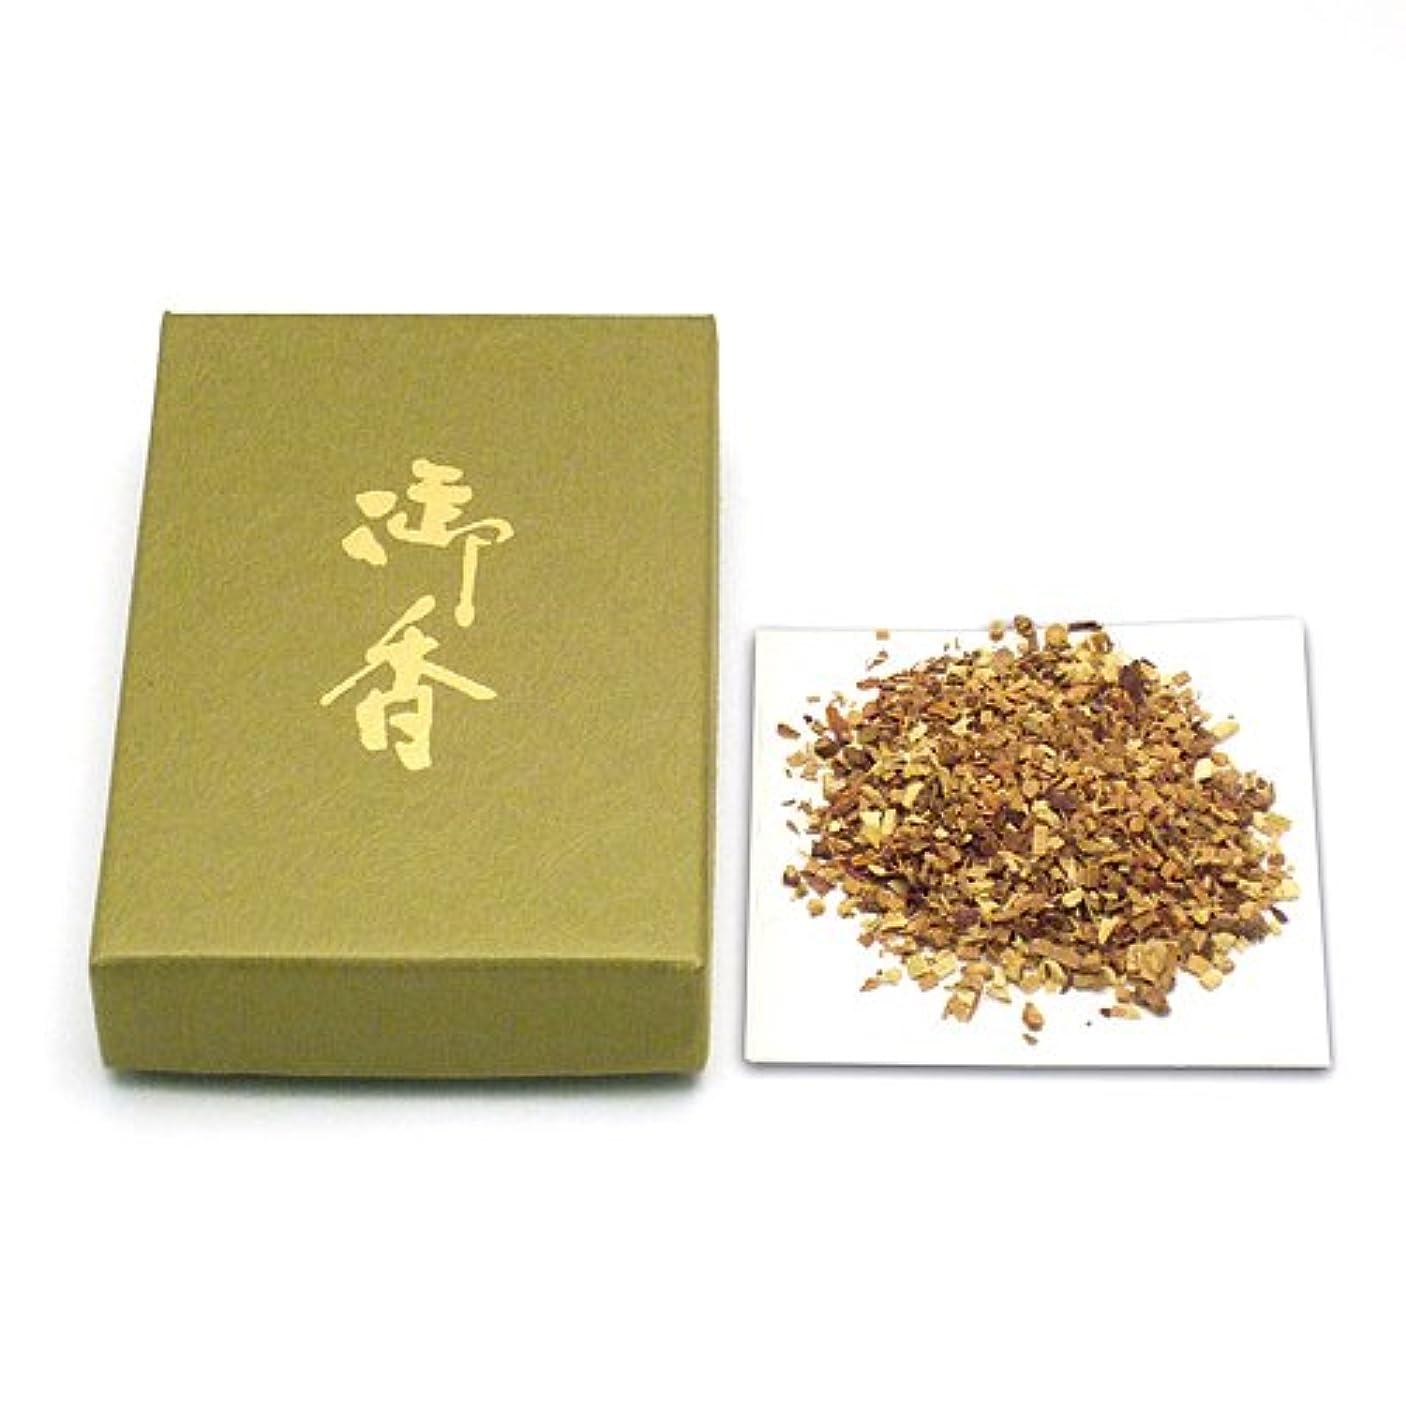 安息真剣に流暢焼香用御香 超徳印 25g◆お焼香用の御香